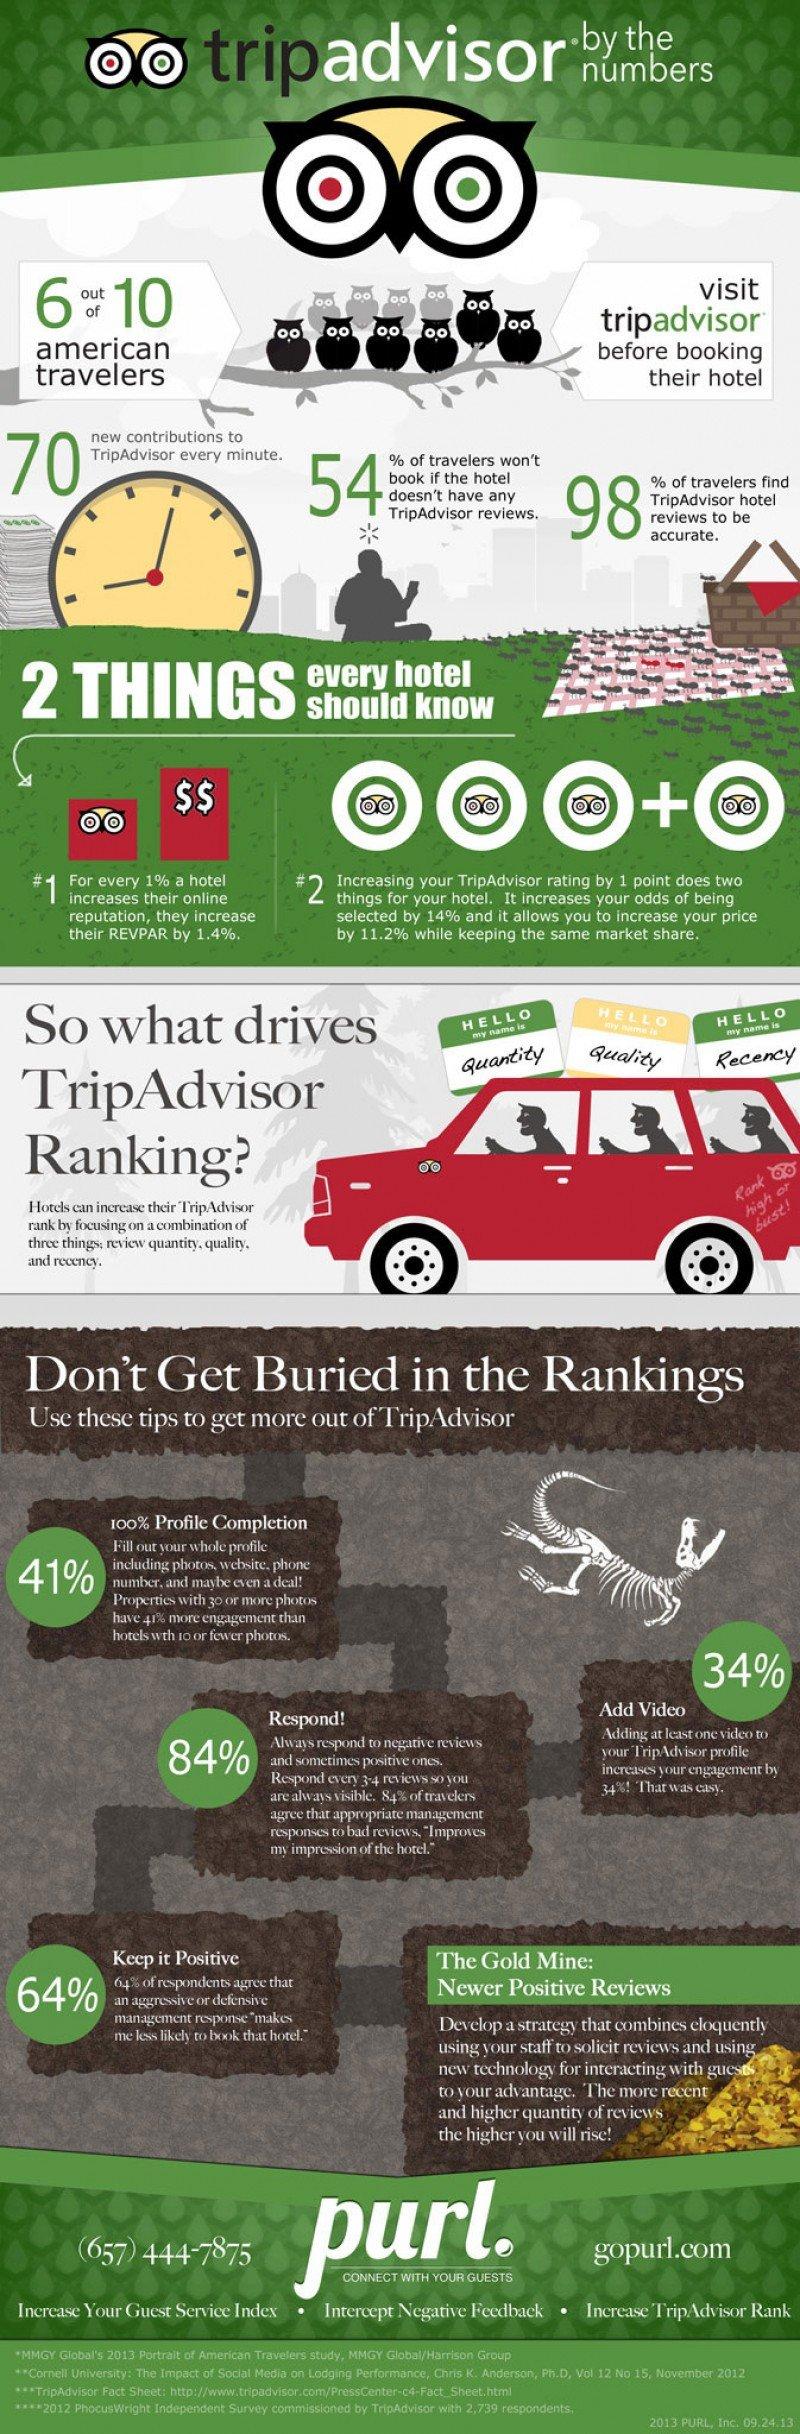 Infografía sobre cómo escalar posiciones en el ranking de TripAdvisor.